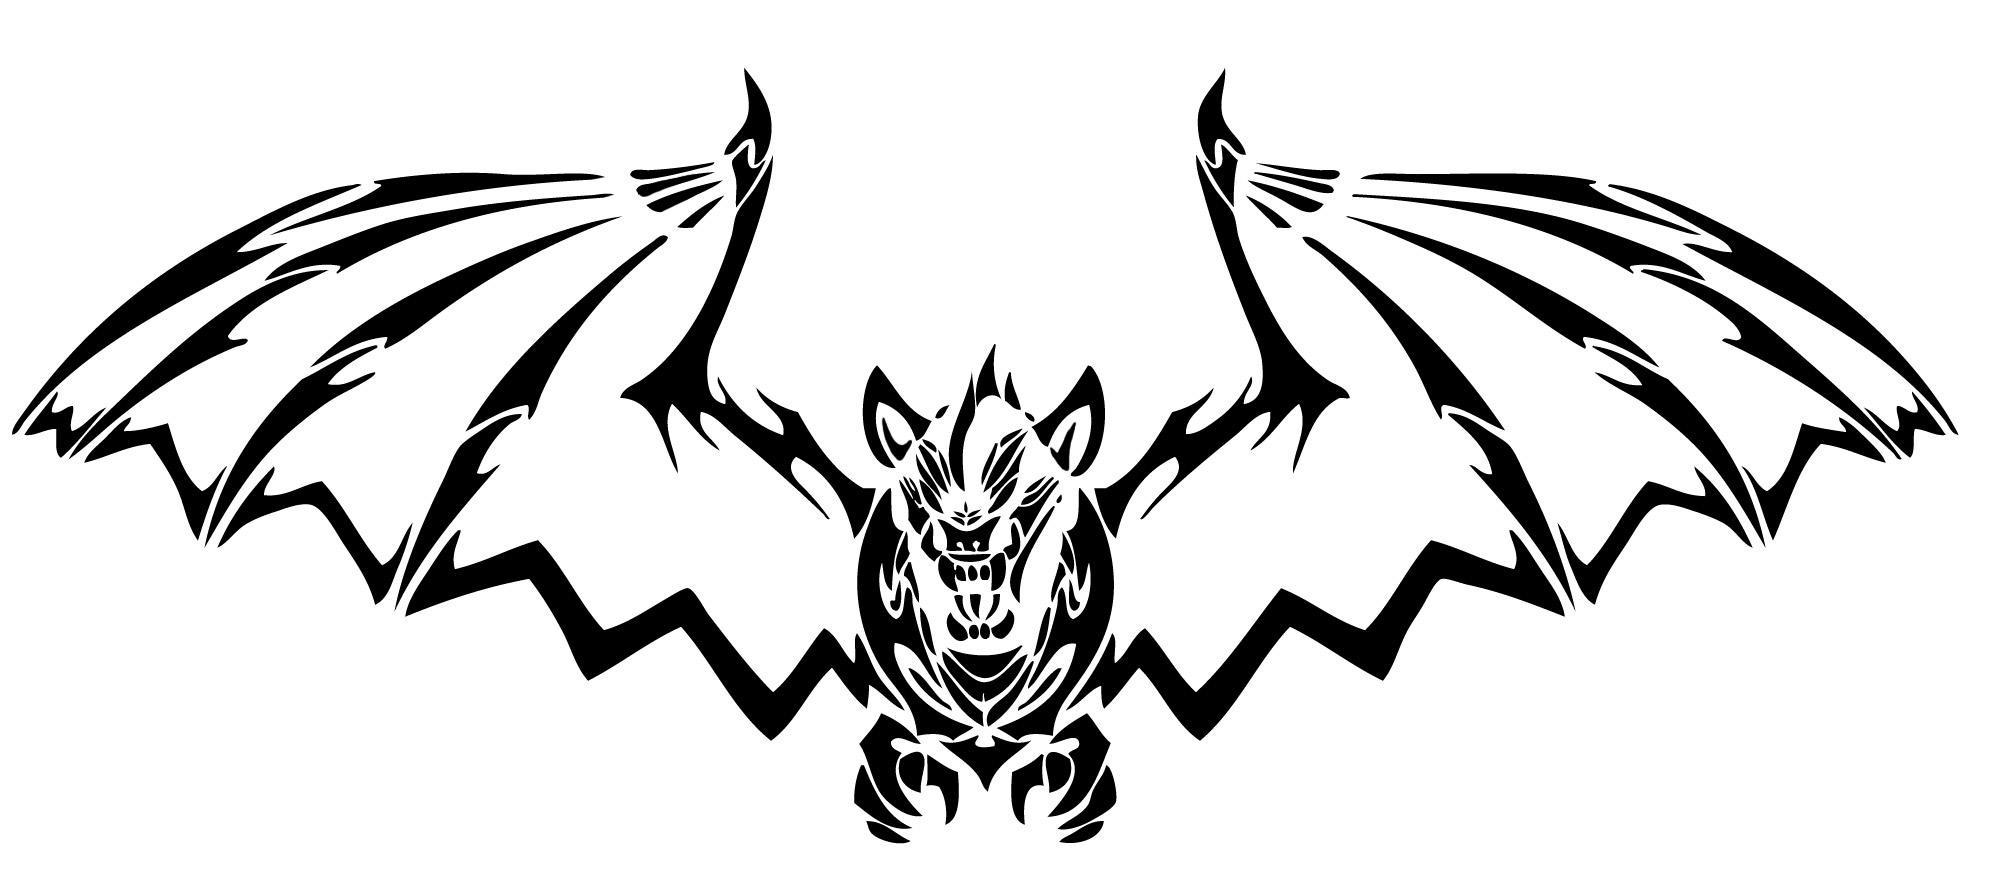 Bat coloring #5, Download drawings